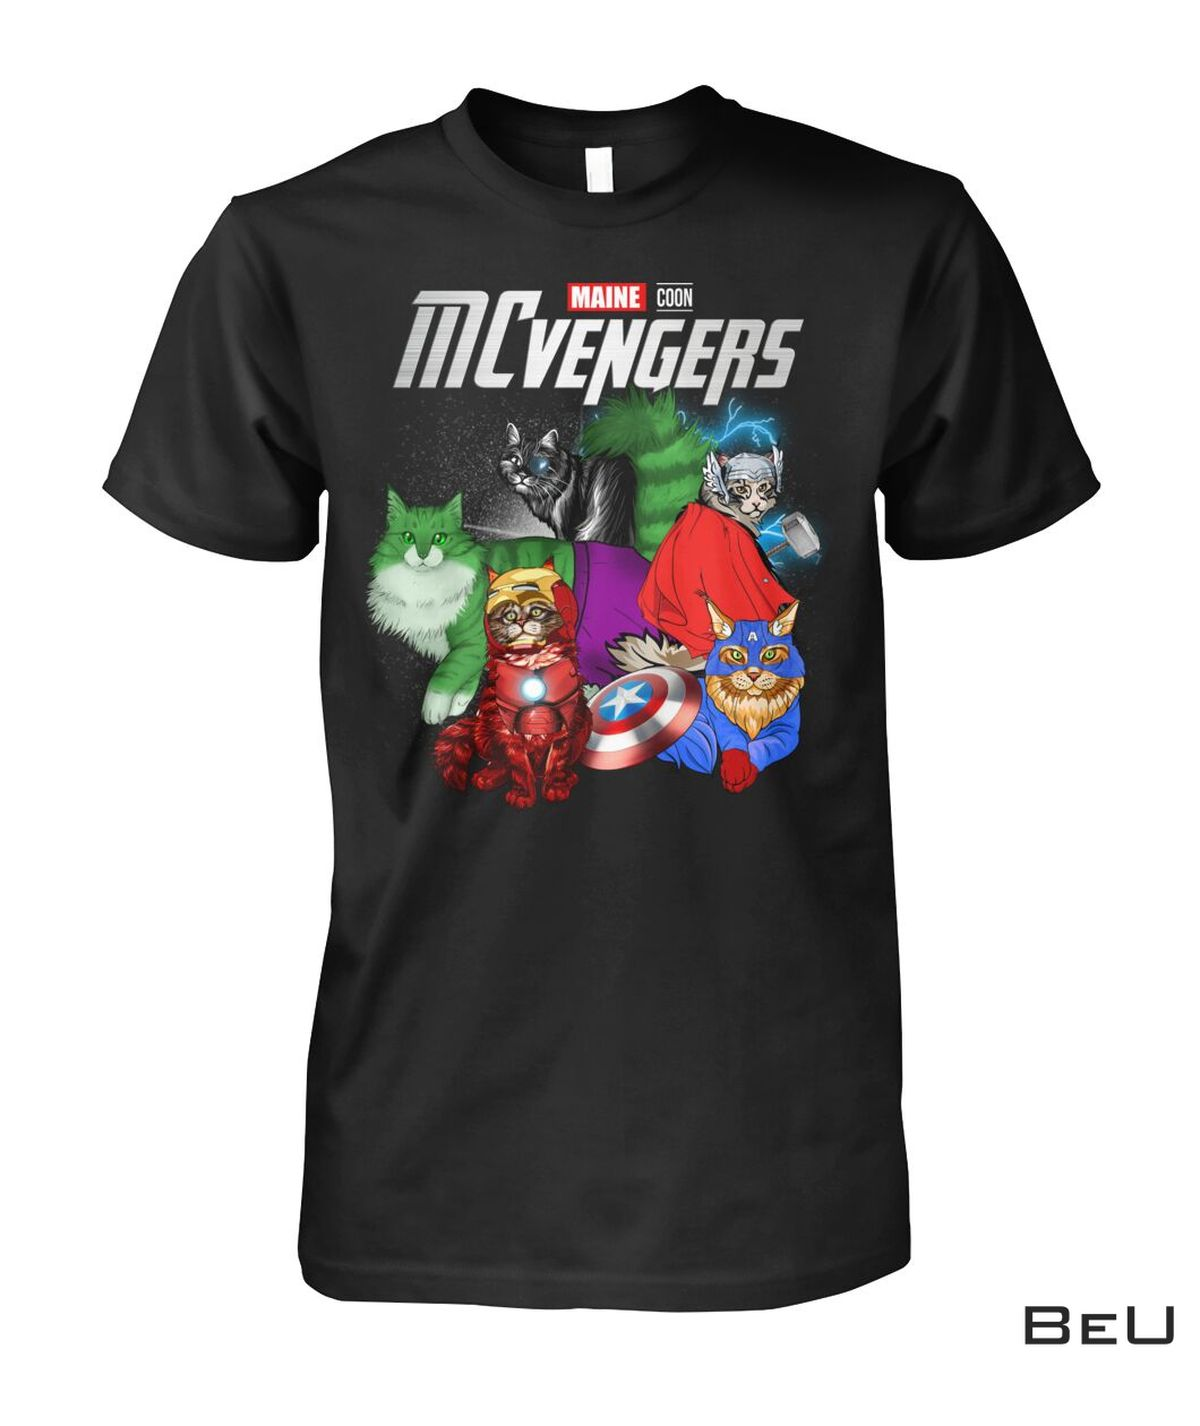 MCvengers Maine Coon Cat Avengers Shirt, hoodie, tank top